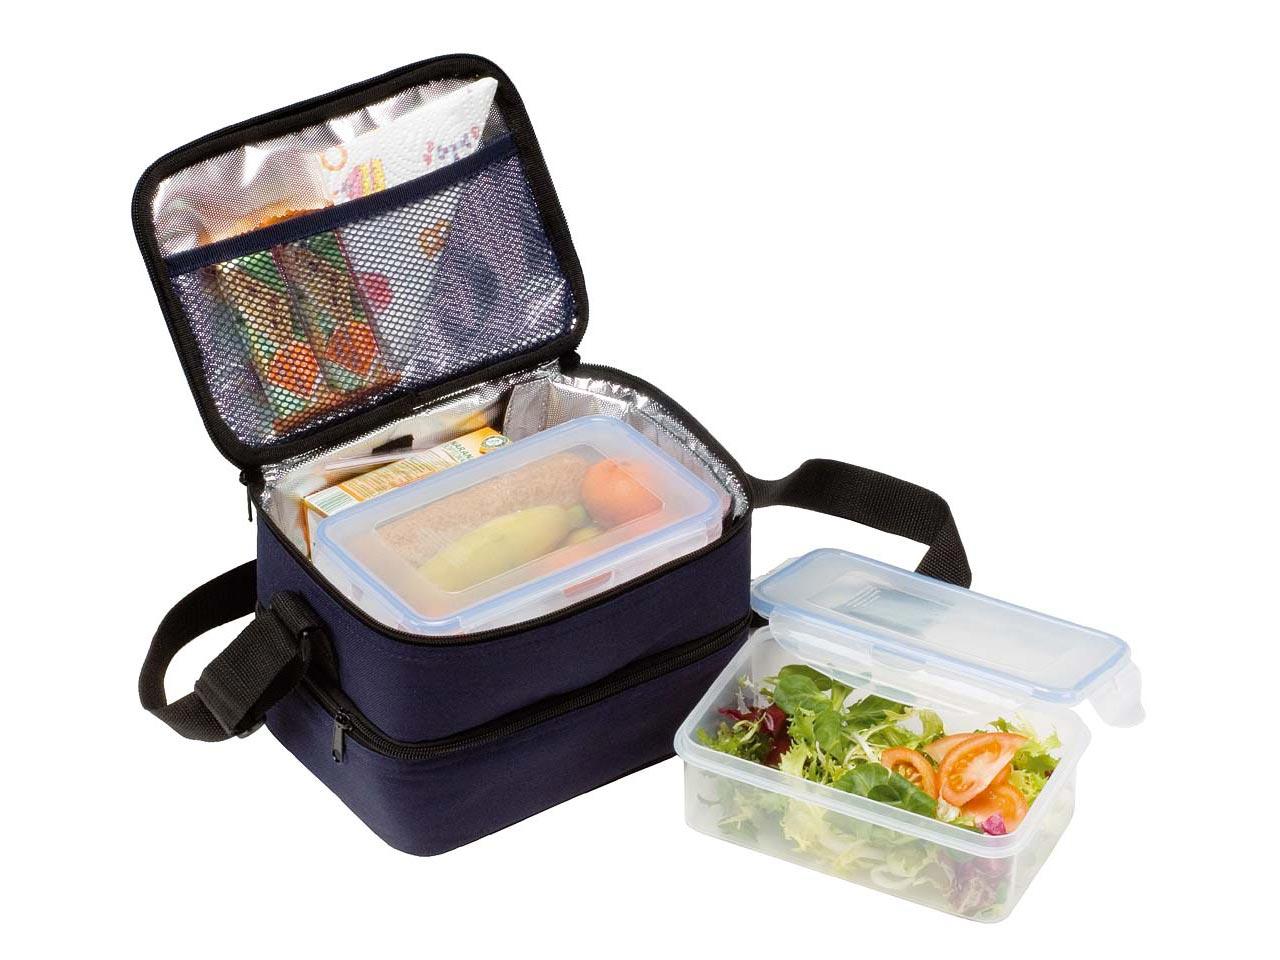 Sufersa bolsa porta alimentos - Bolsa porta alimentos ...